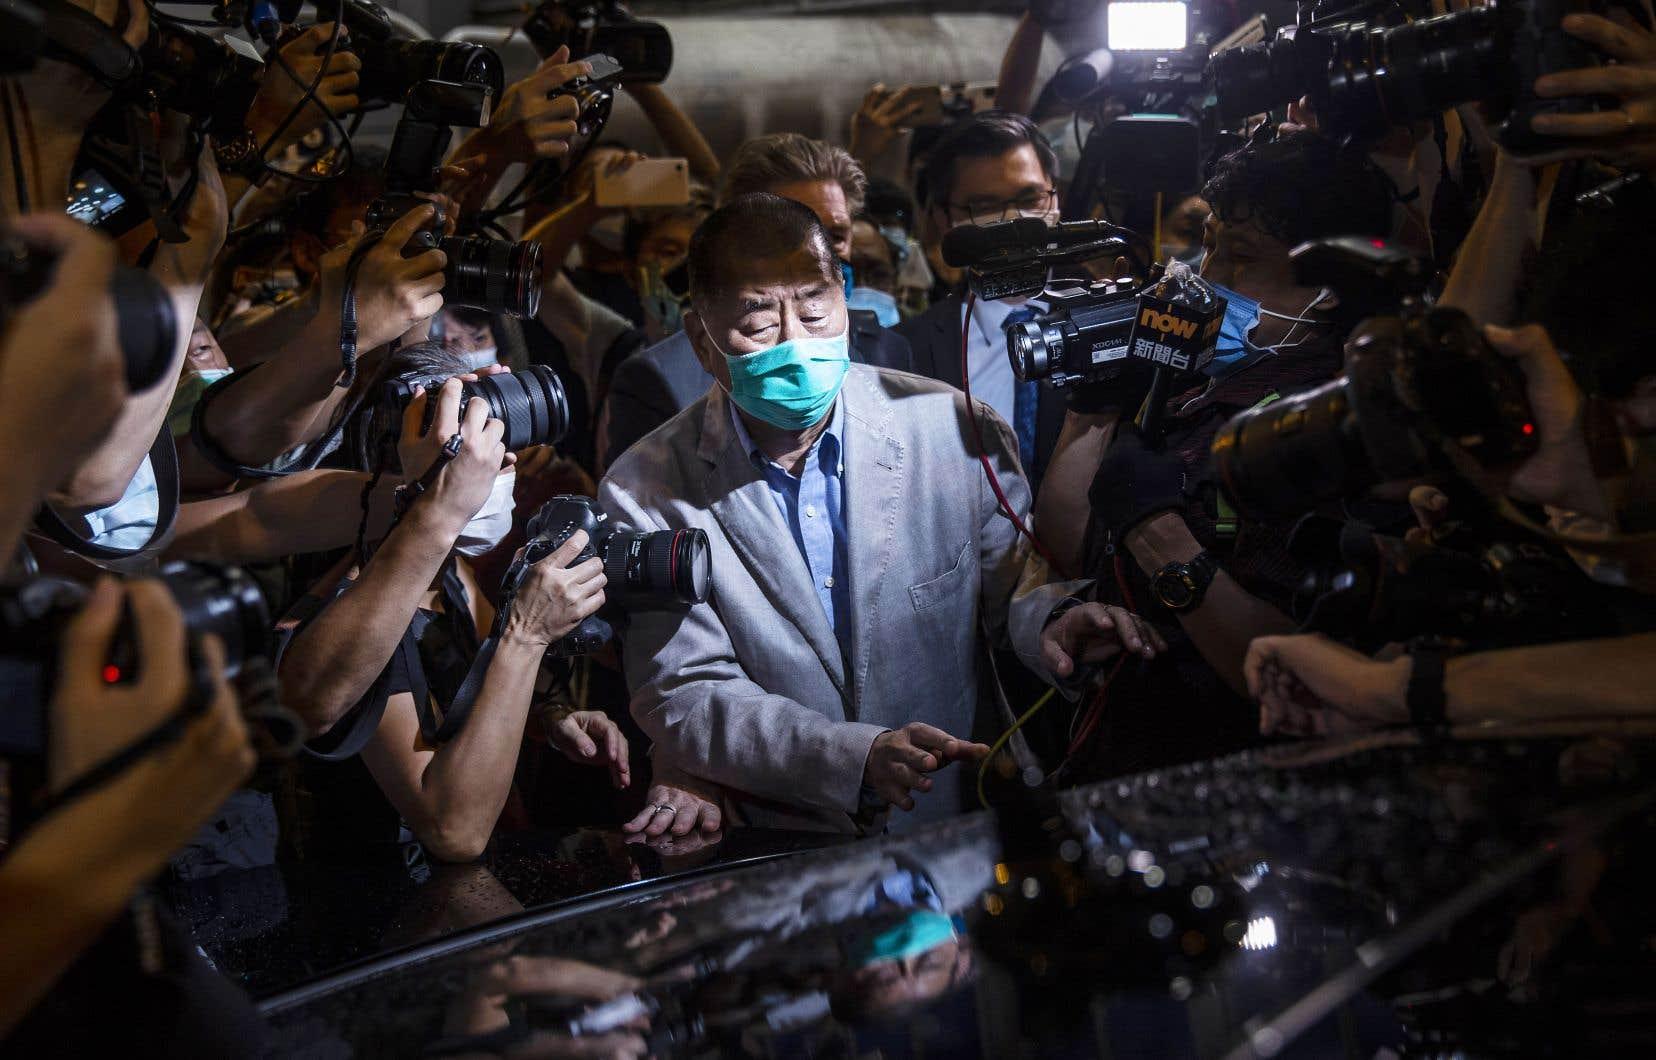 Rares sont les Hongkongais à s'attirer autant la haine de Pékin que Jimmy Lai, régulièrement qualifié de «traître» par les médias d'État chinois.